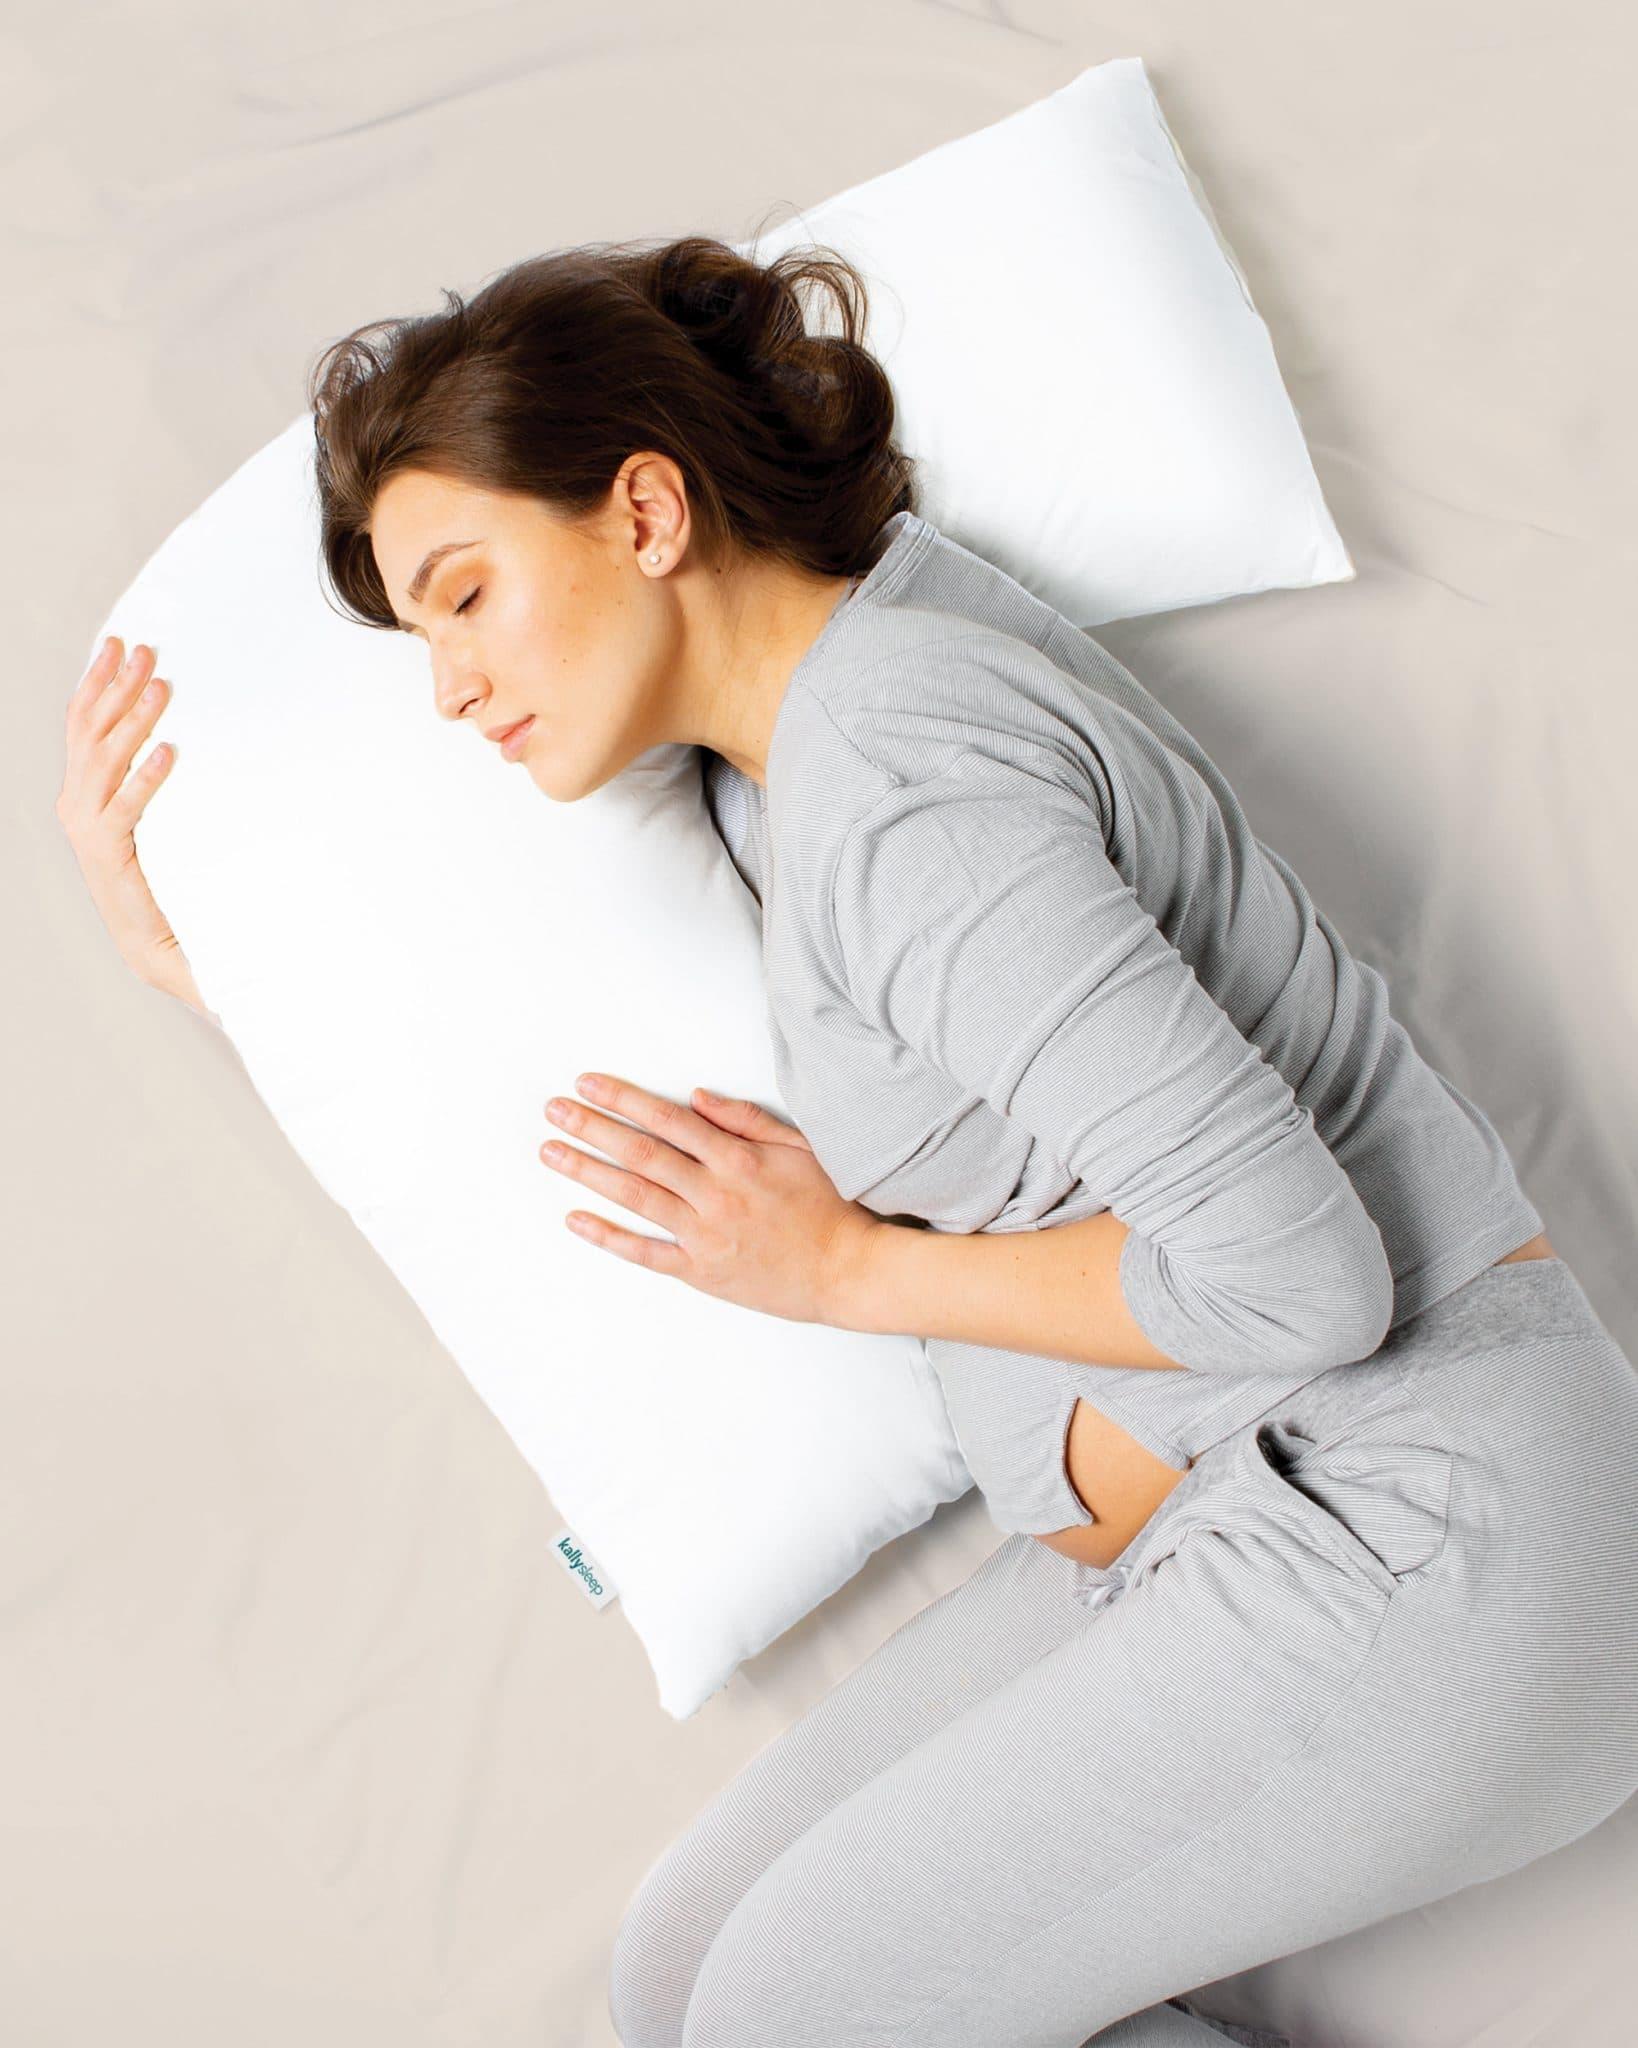 Kally V-Support Pillow